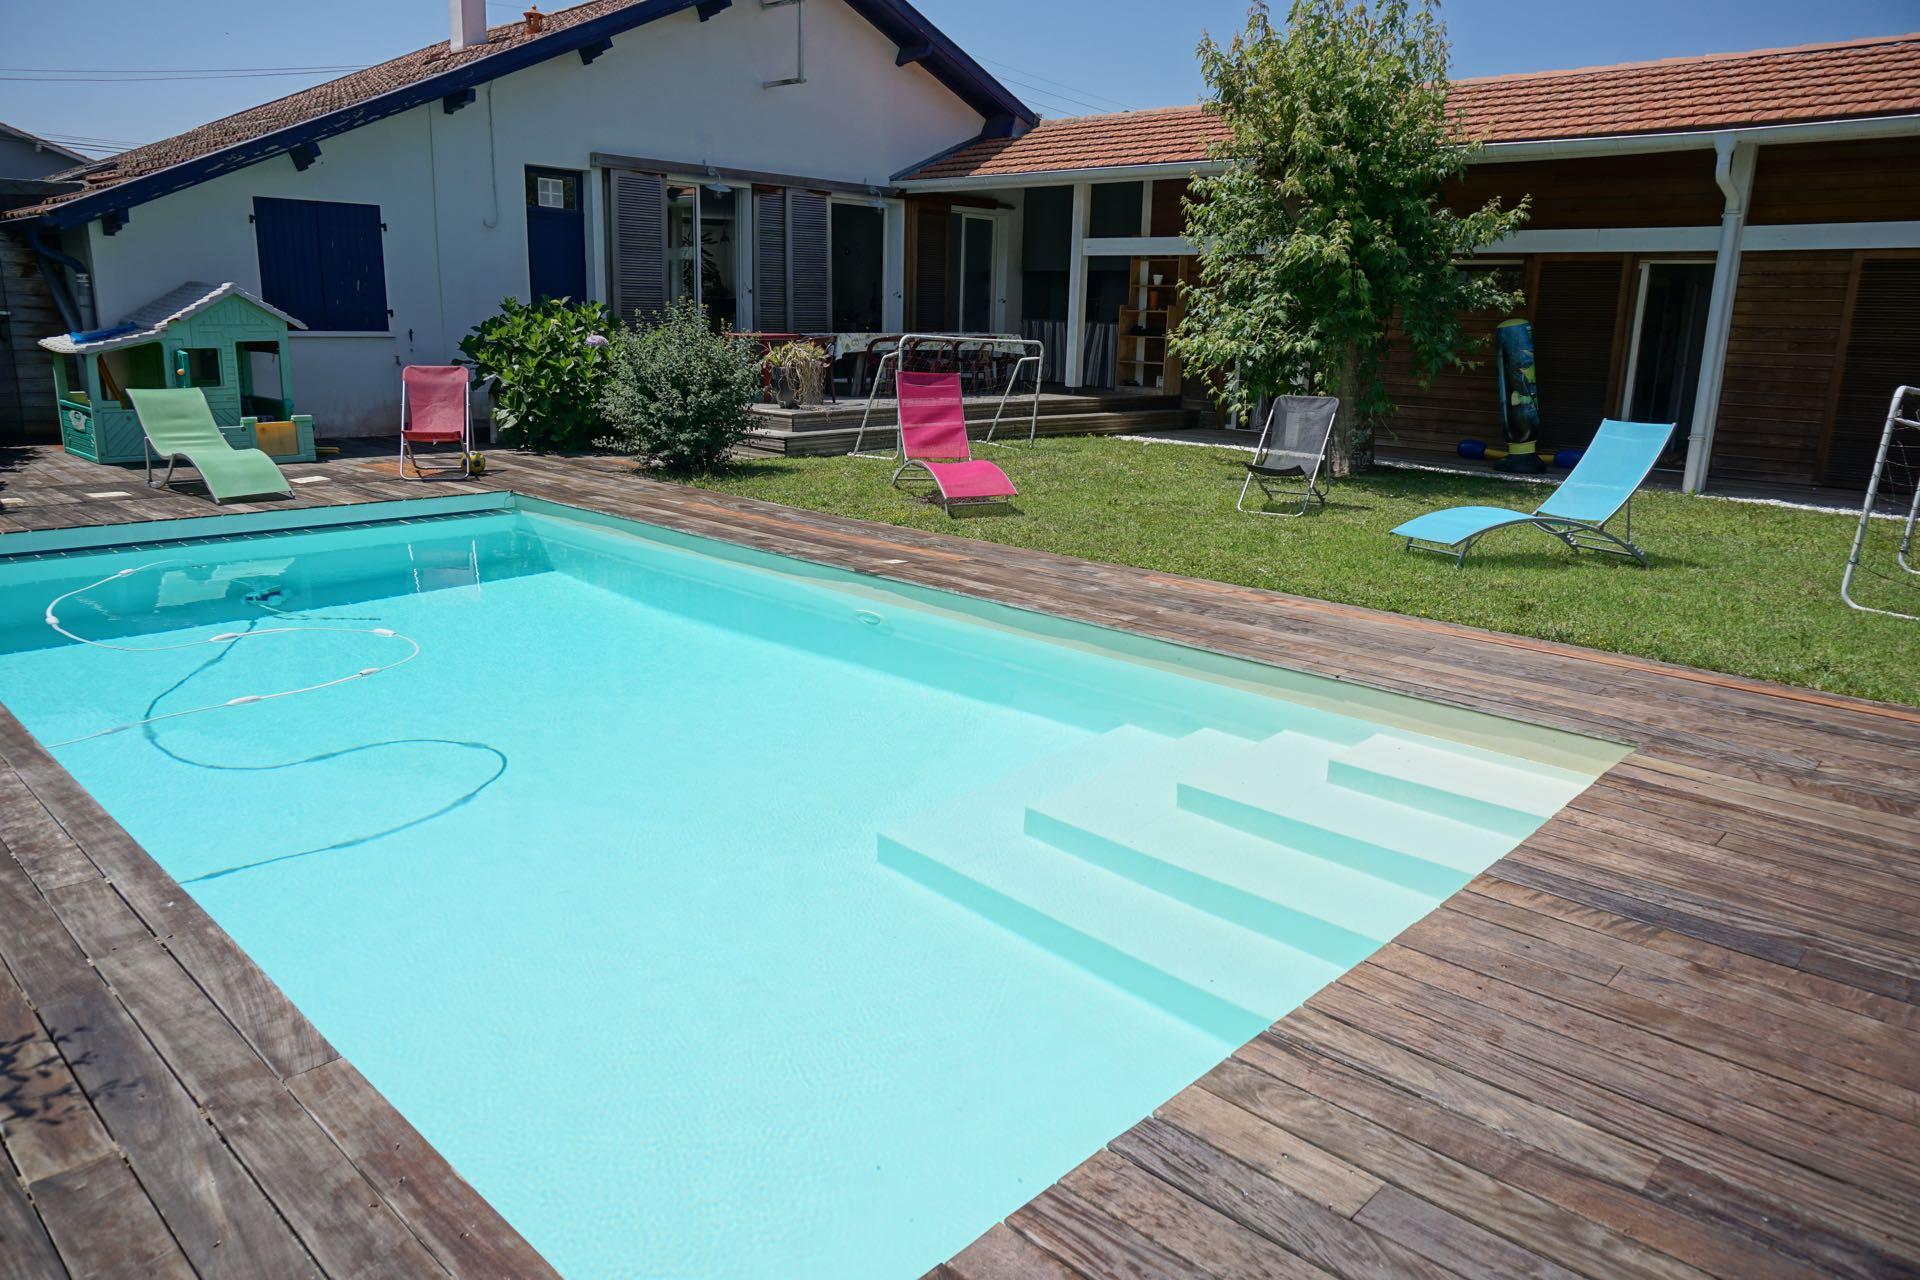 Inspir piscine jardin sabakunohana for Piscine biarritz